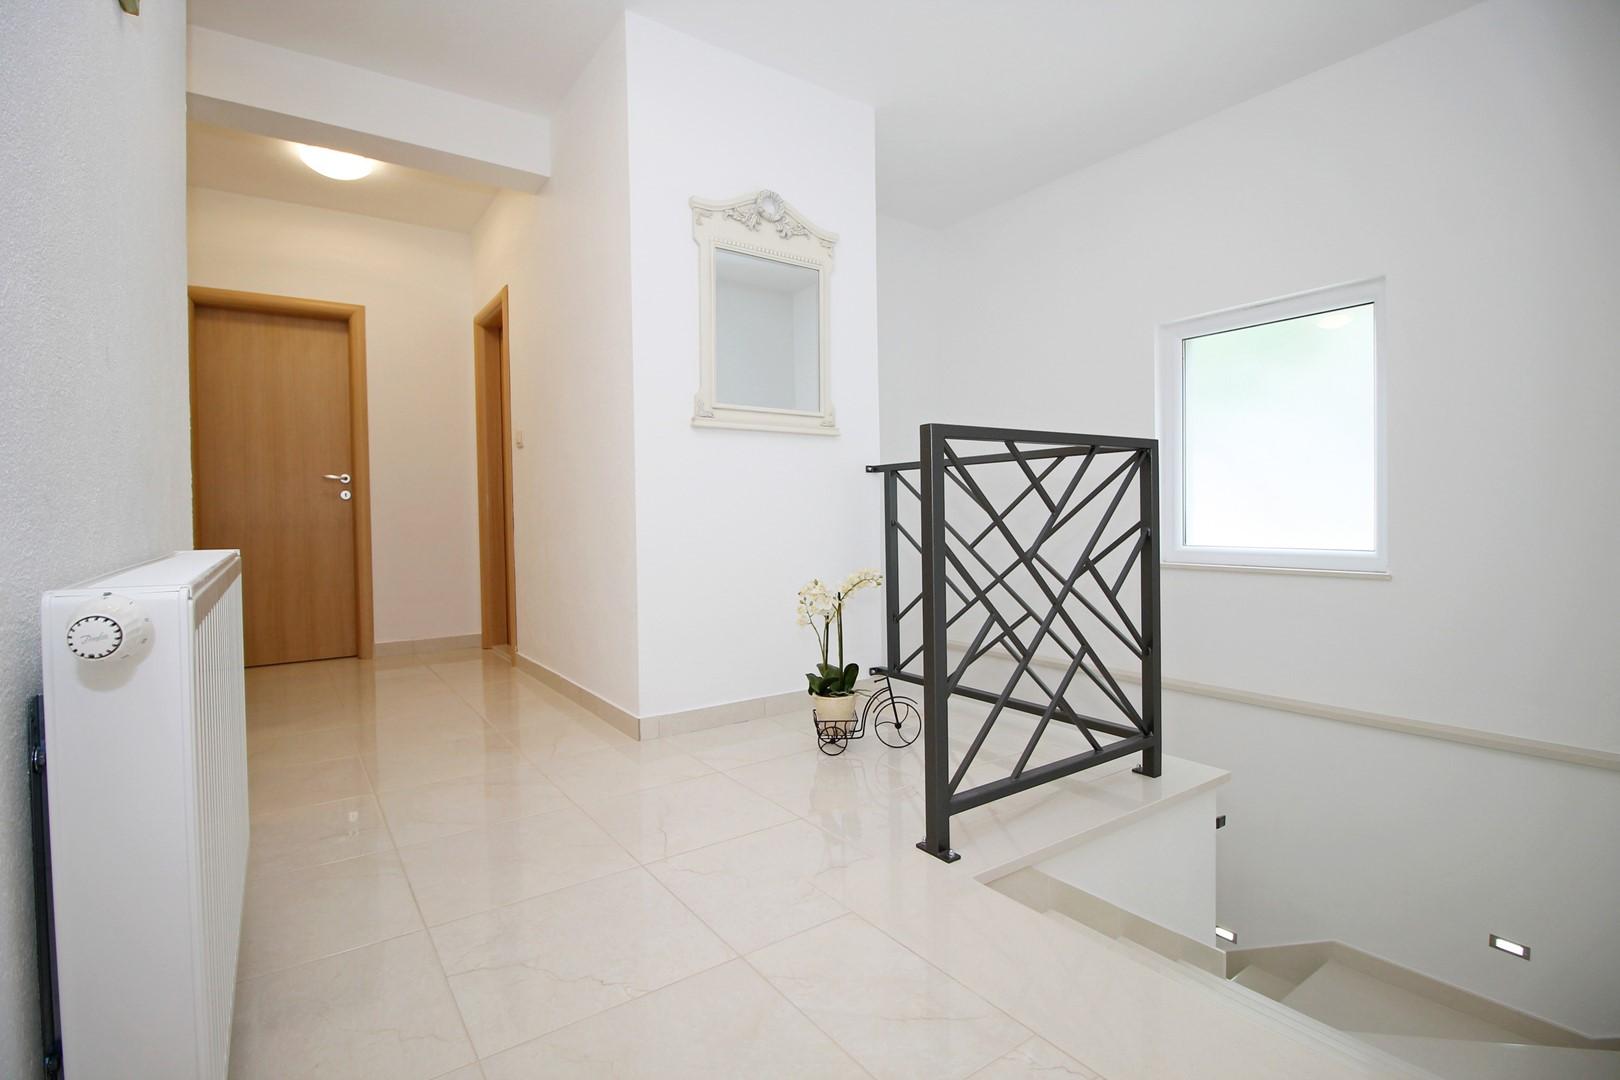 Ferienhaus Privater Pool 3,5 x 8,6 m, überdachter Essbereich im Freien, kostenloses WLAN, voll - klim (2663850), Kostanje, , Dalmatien, Kroatien, Bild 24